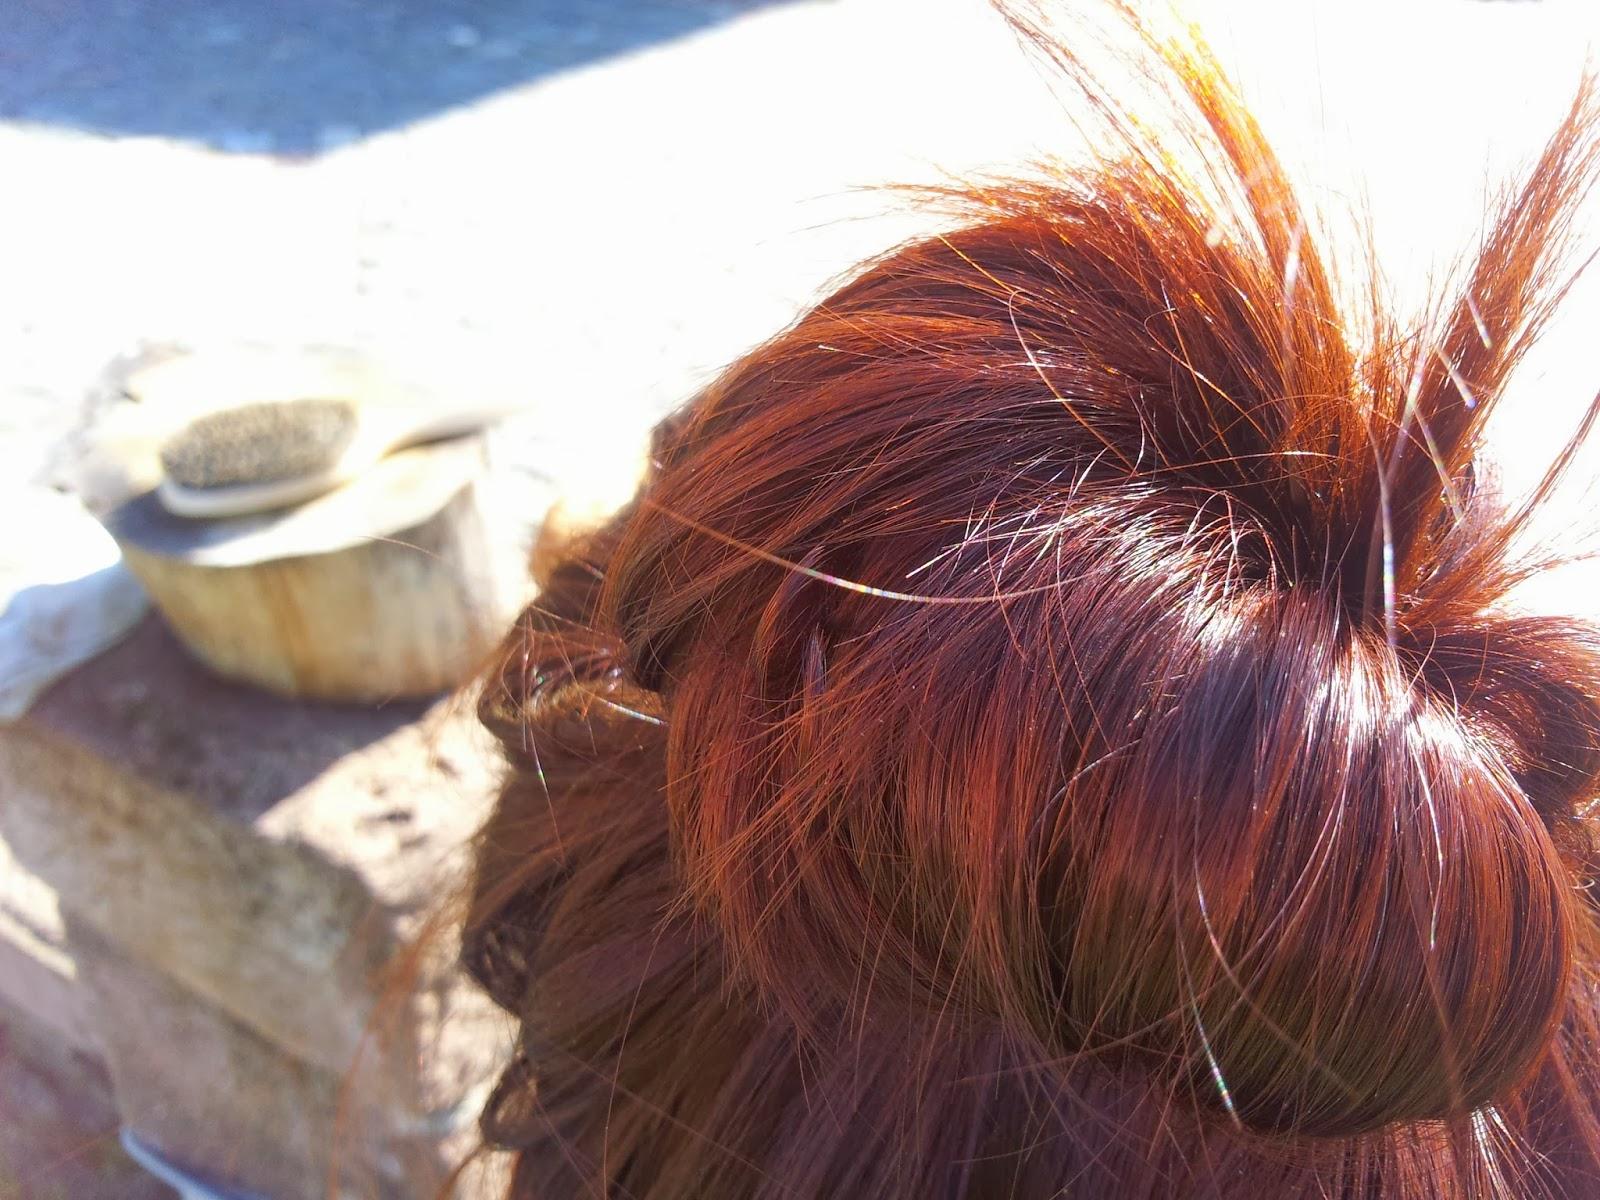 les reflets sur un messimon jai baptis ce chignon ainsi car cest un cinammon mais avec les cheveux en fouillis - Coloration Khadi Rouge